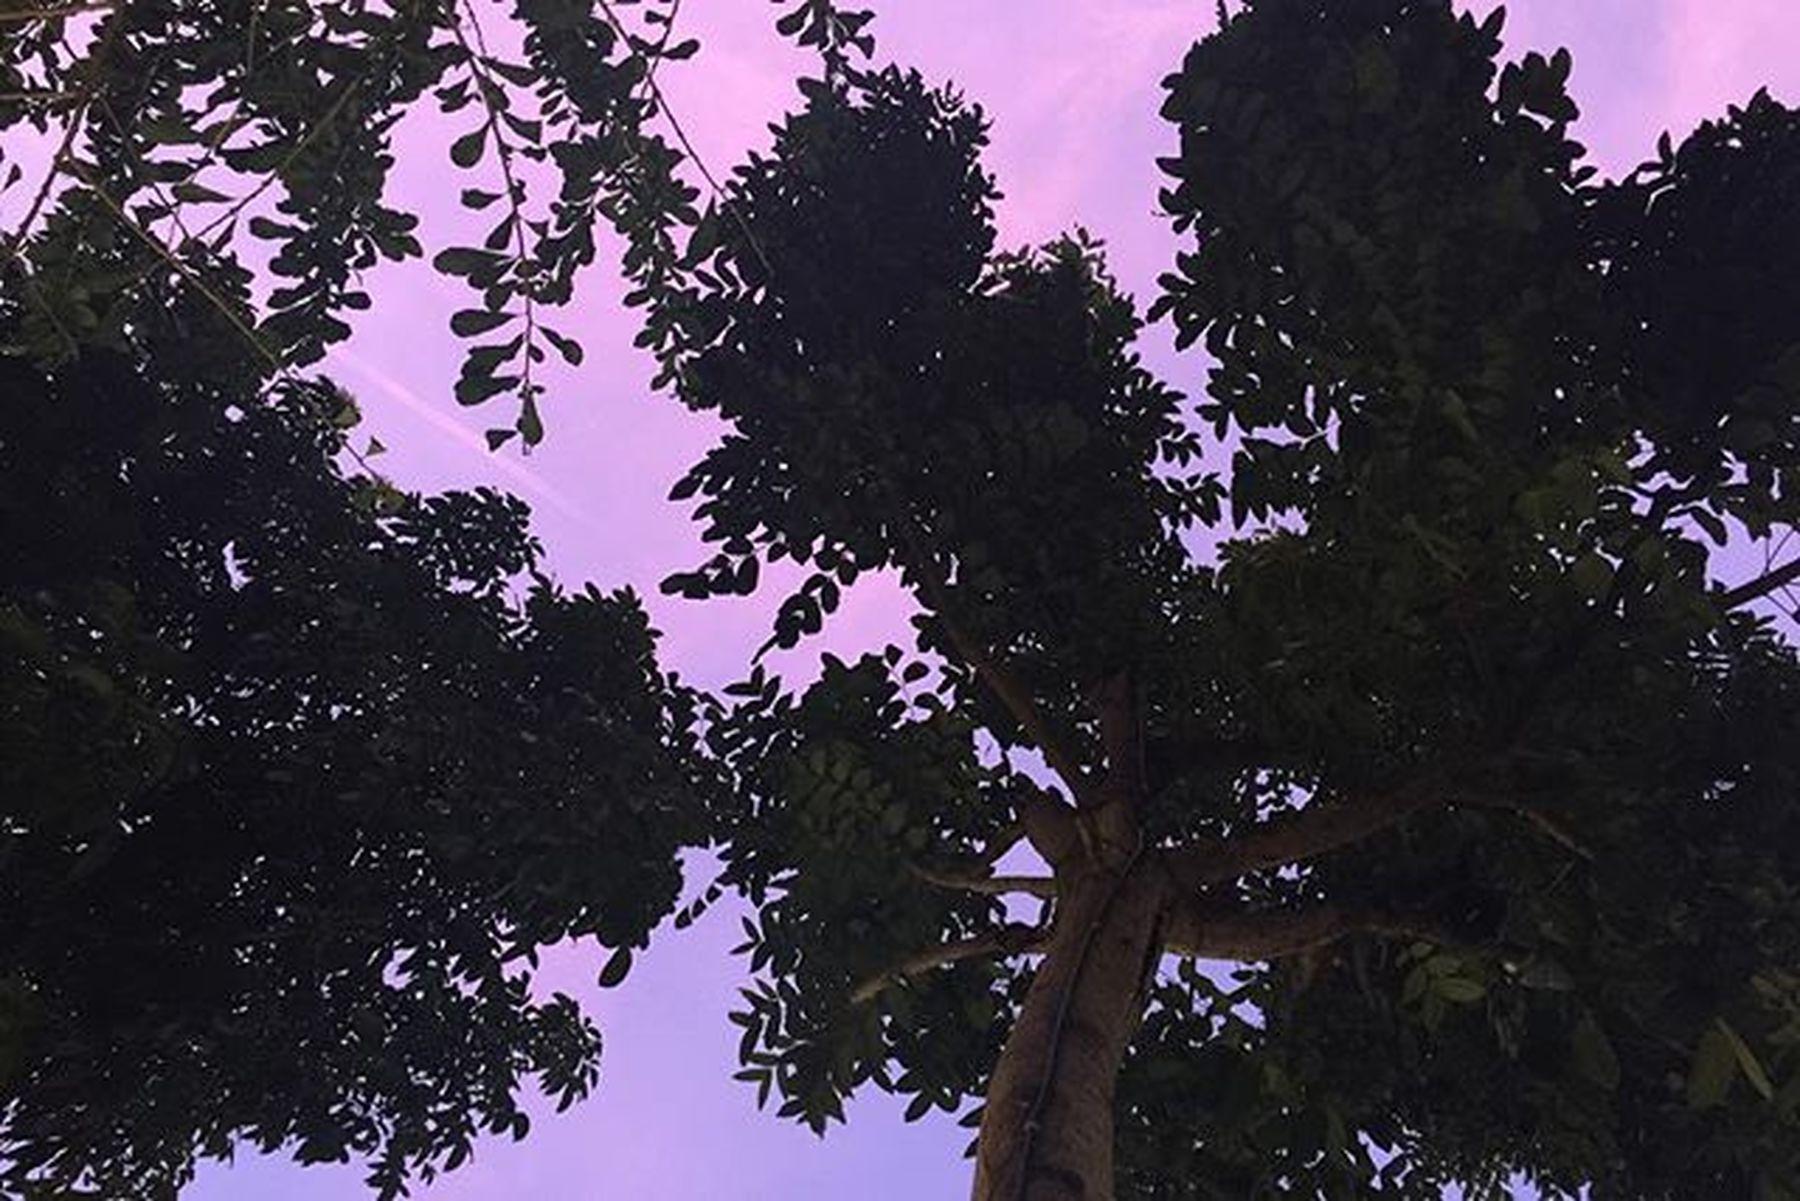 ม หั ส จ ร ร ย์ ธ ร ร ม ช า ติ | ท้ อ ง ฟ้ า สี ม่ ว ง 💜 💜 💜 Nature Sky Violet Nofilter😍